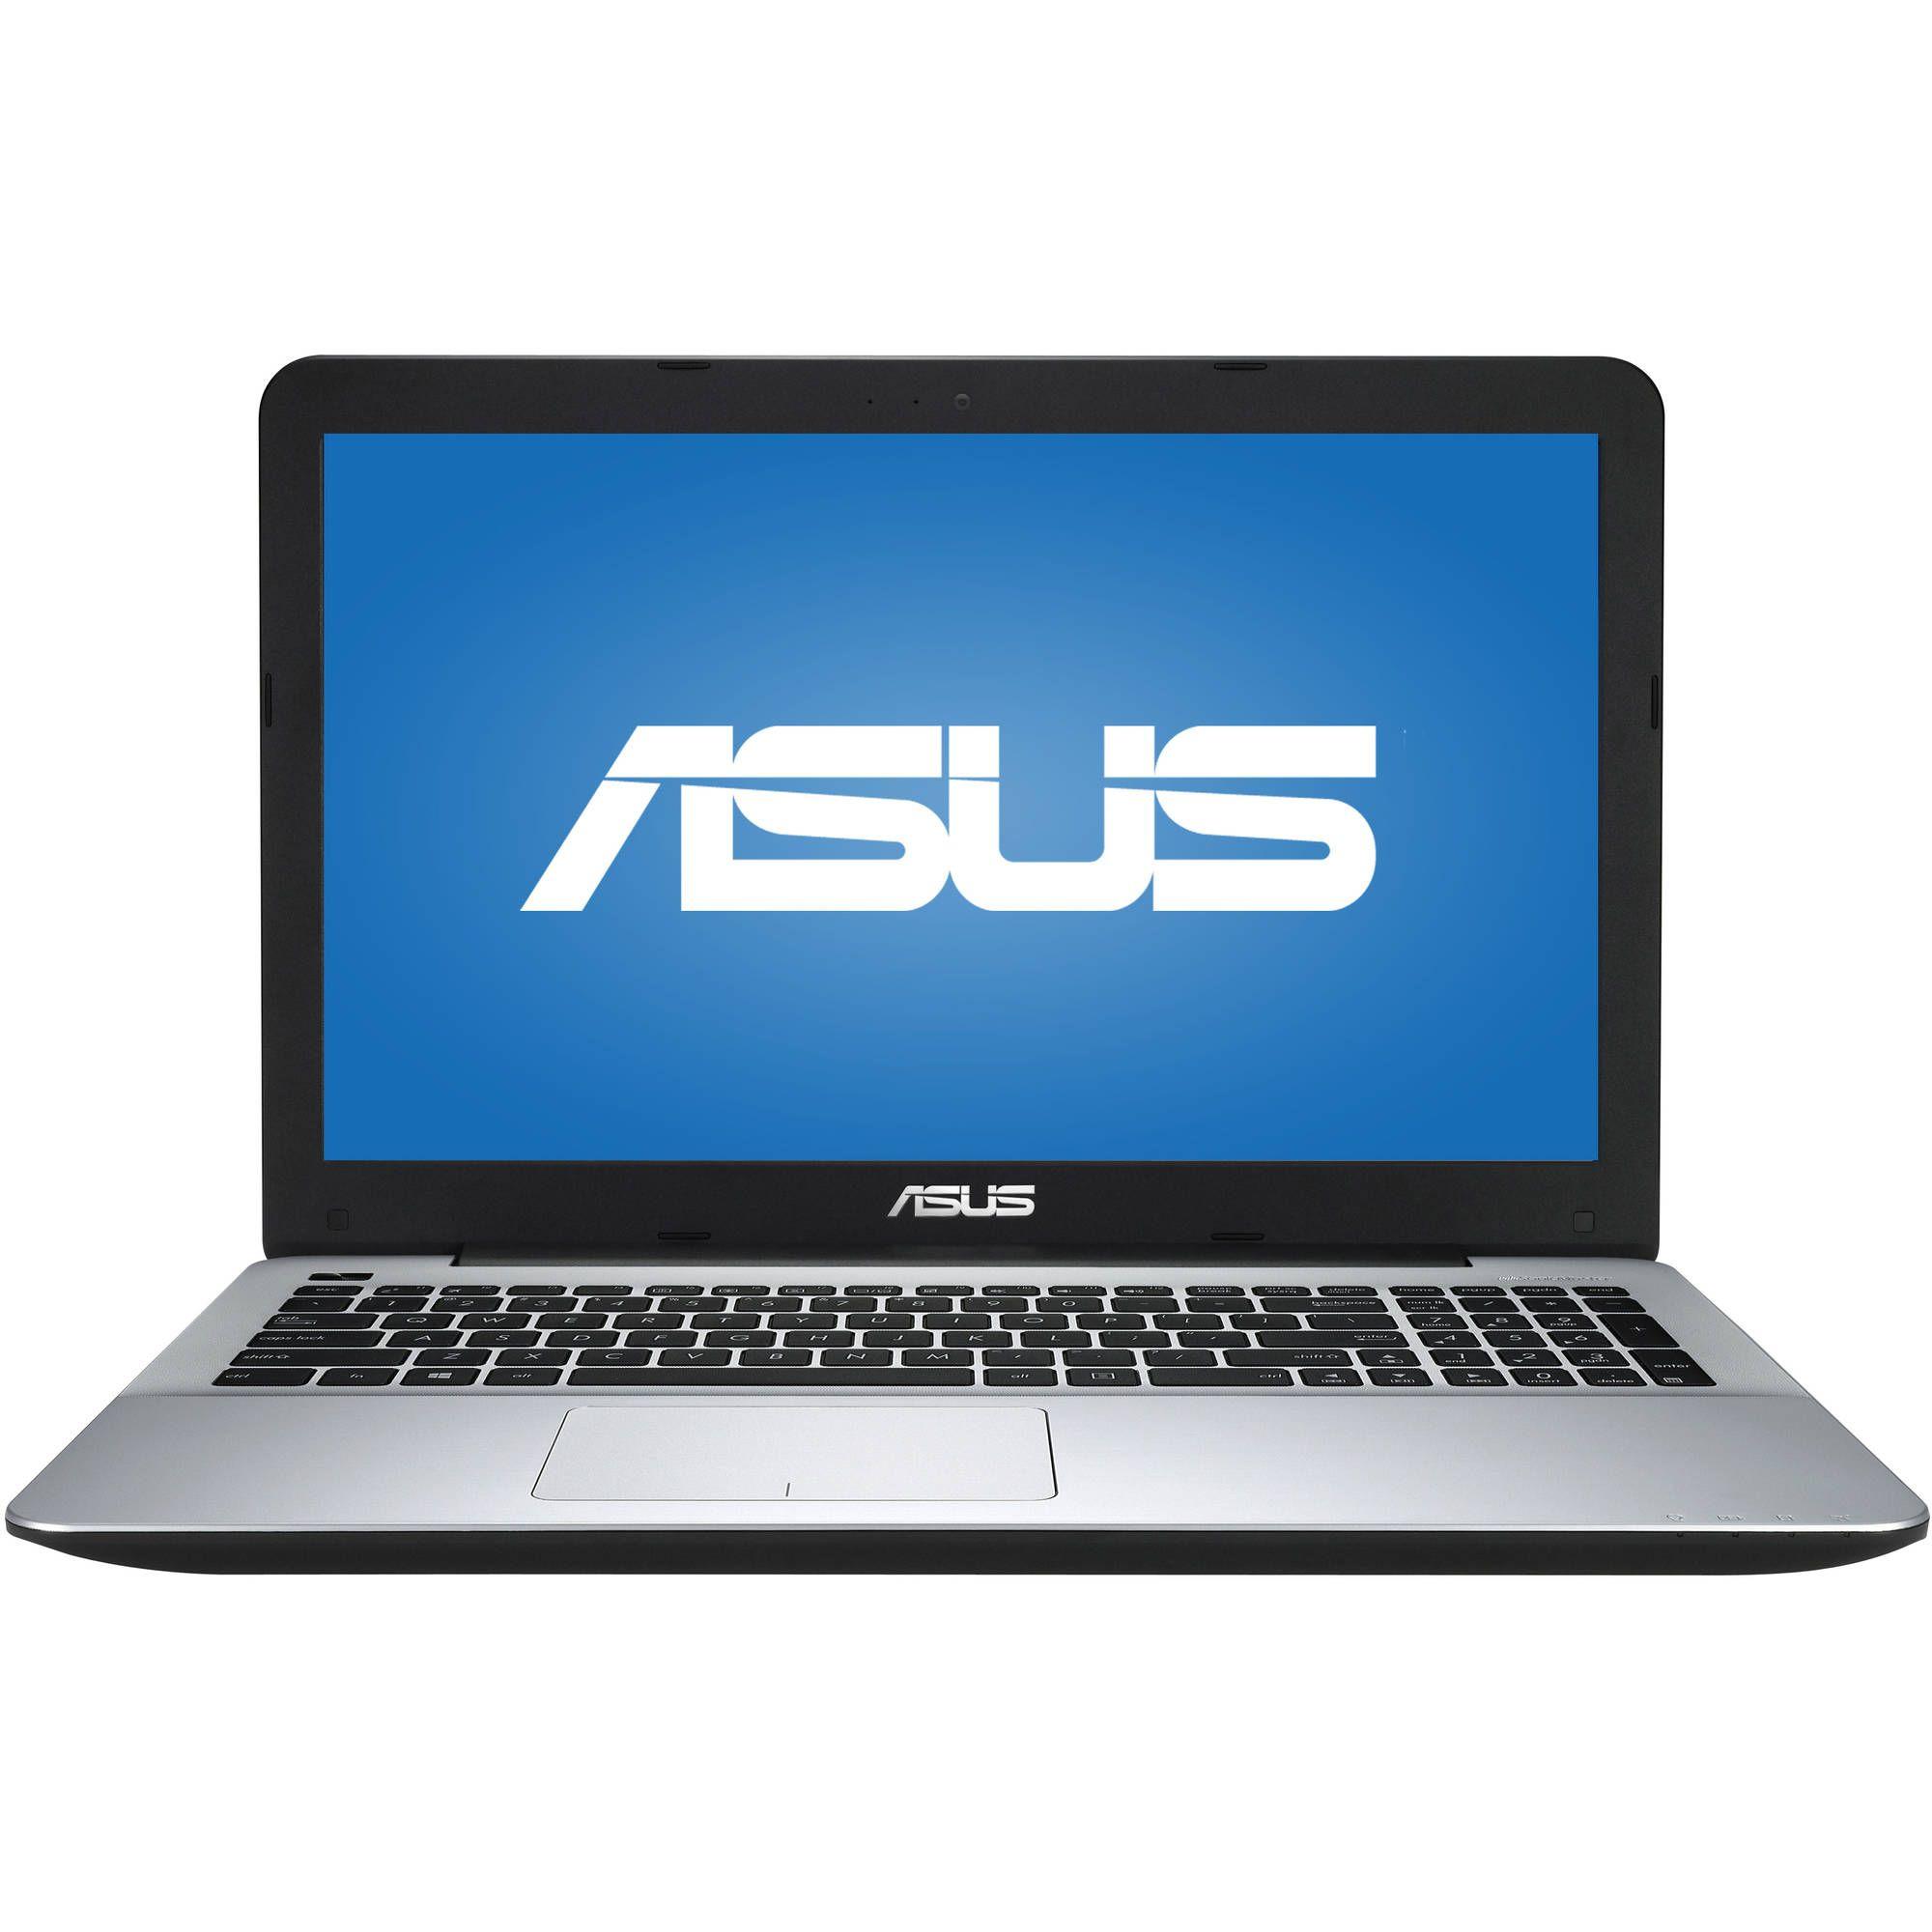 Asus X555DA - Laptop Gaming Murah